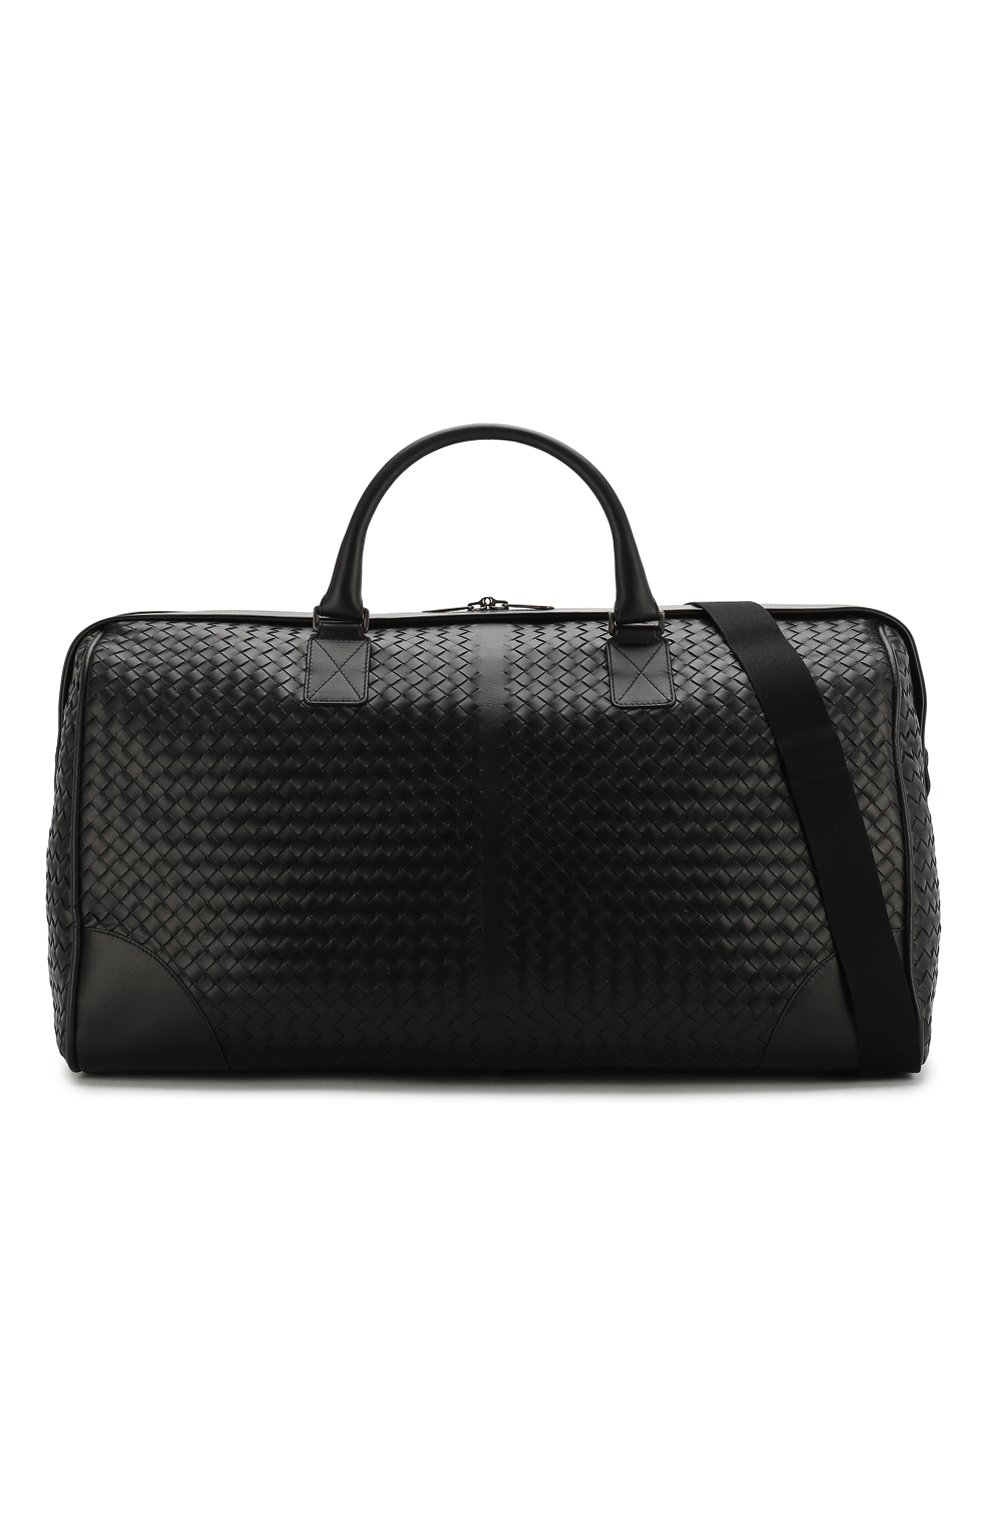 f5c59adc5100 Мужские дорожные сумки Dirk Bikkembergs купить в интернет-магазине ЦУМ -  товар распродан